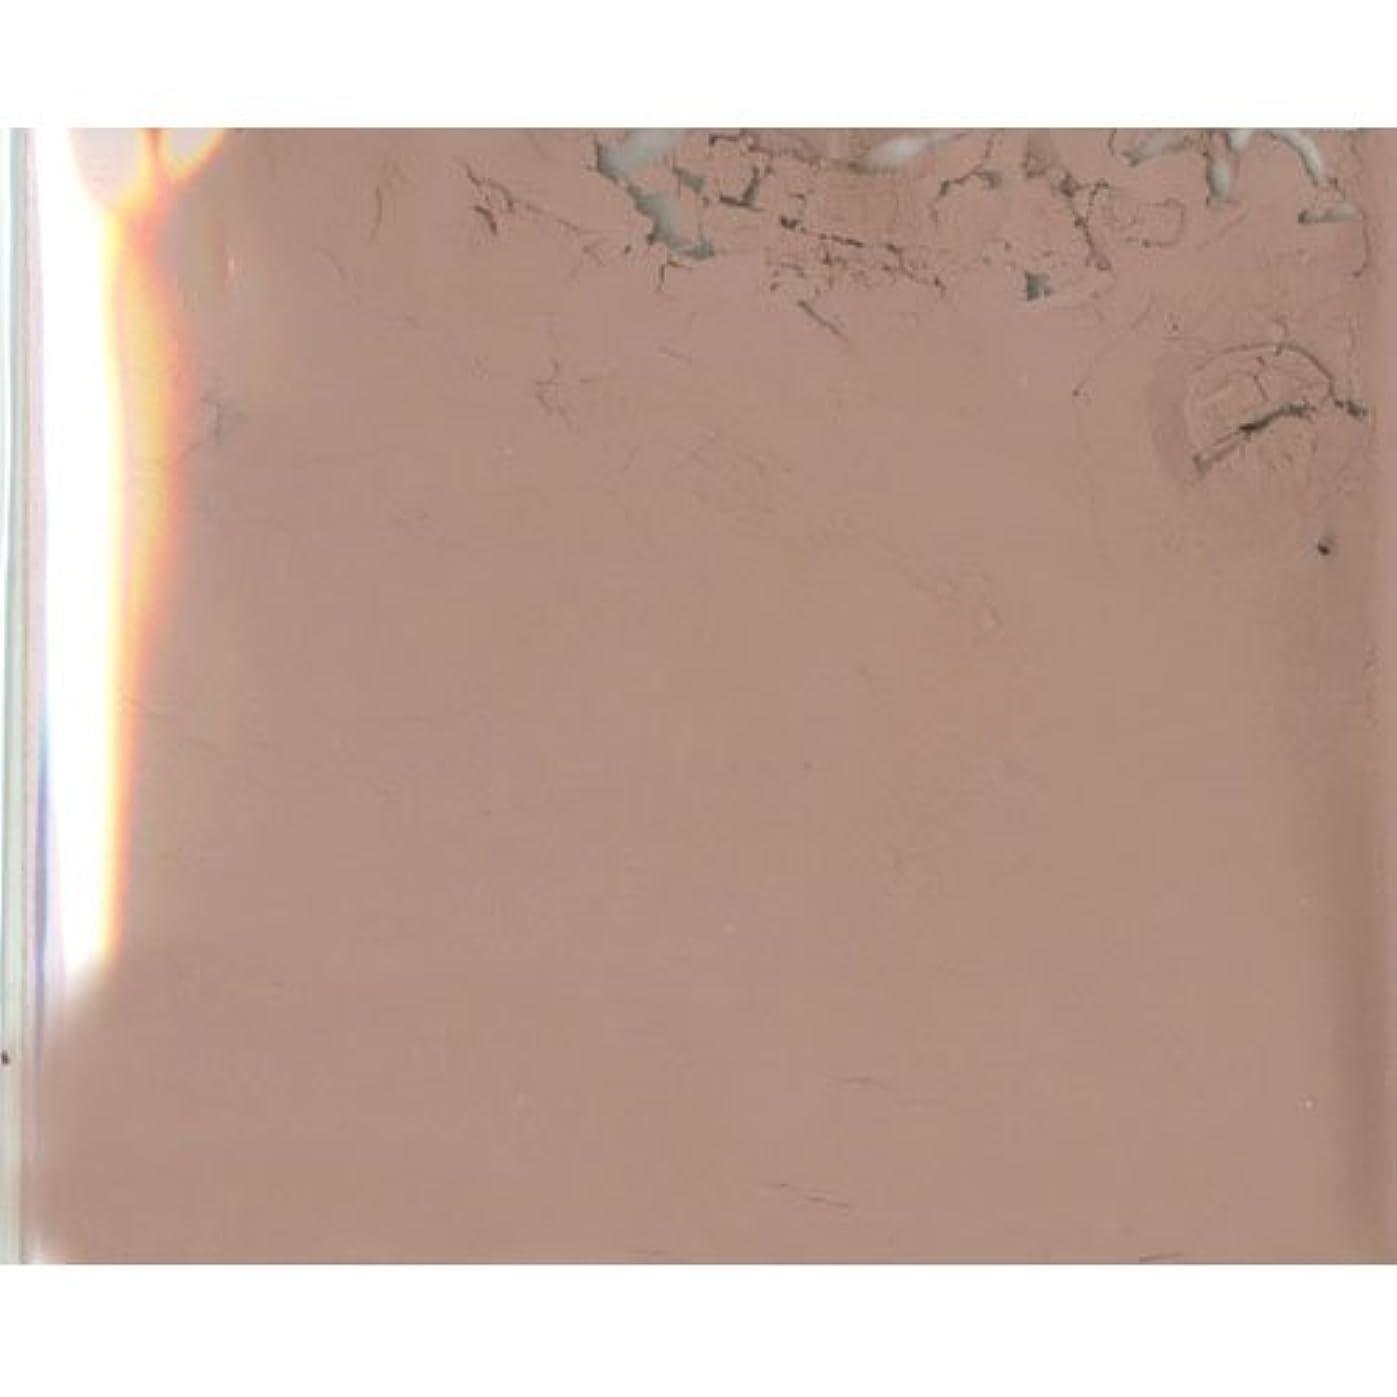 日焼け試用クリエイティブピカエース ネイル用パウダー ピカエース カラーパウダー 透明顔料 #985 チョコレートブラウン 2g アート材